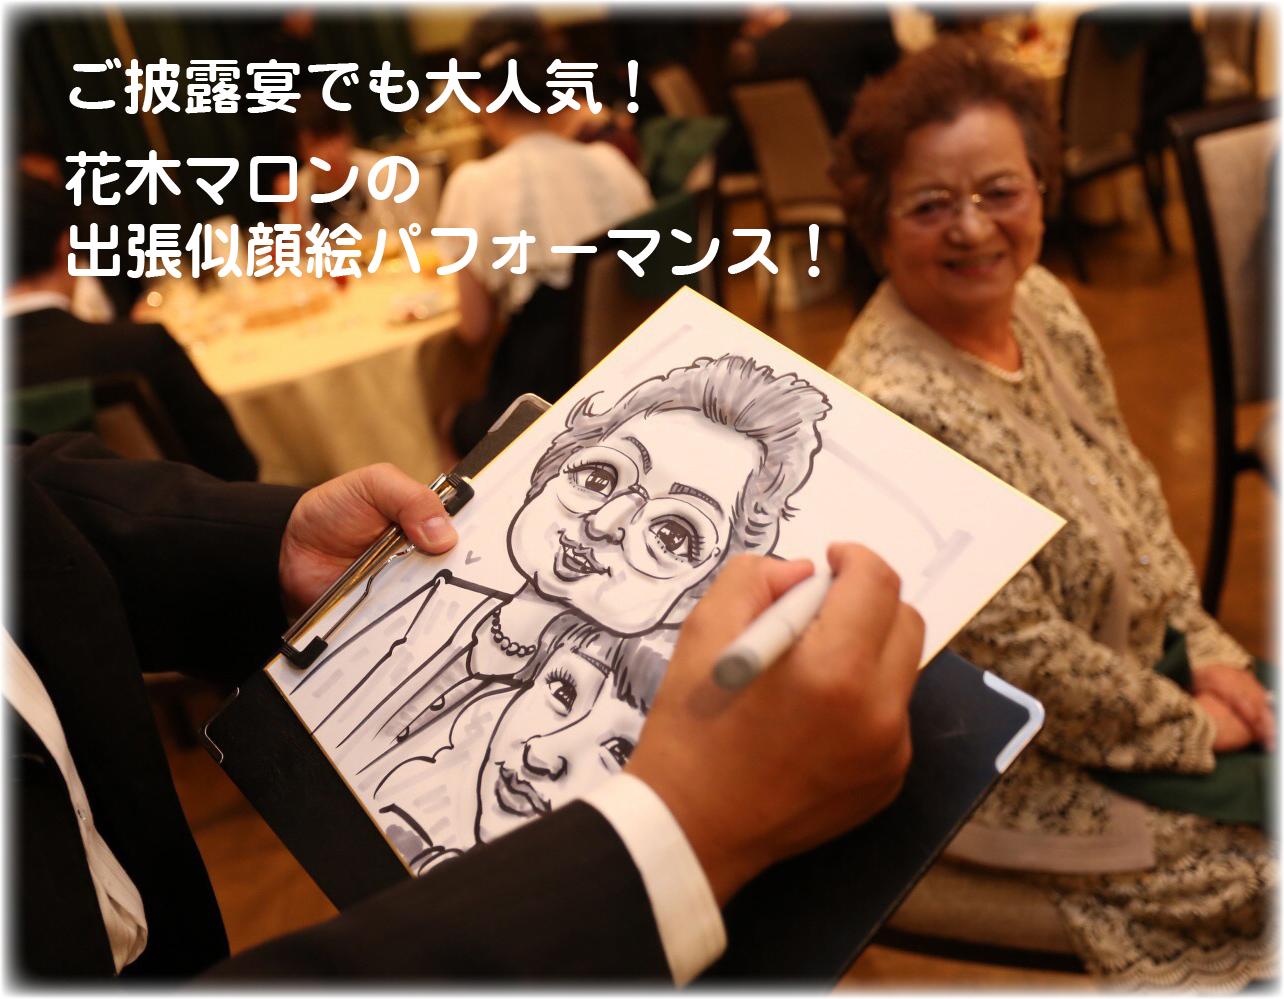 即興でお描きする楽しい似顔絵イベントです!